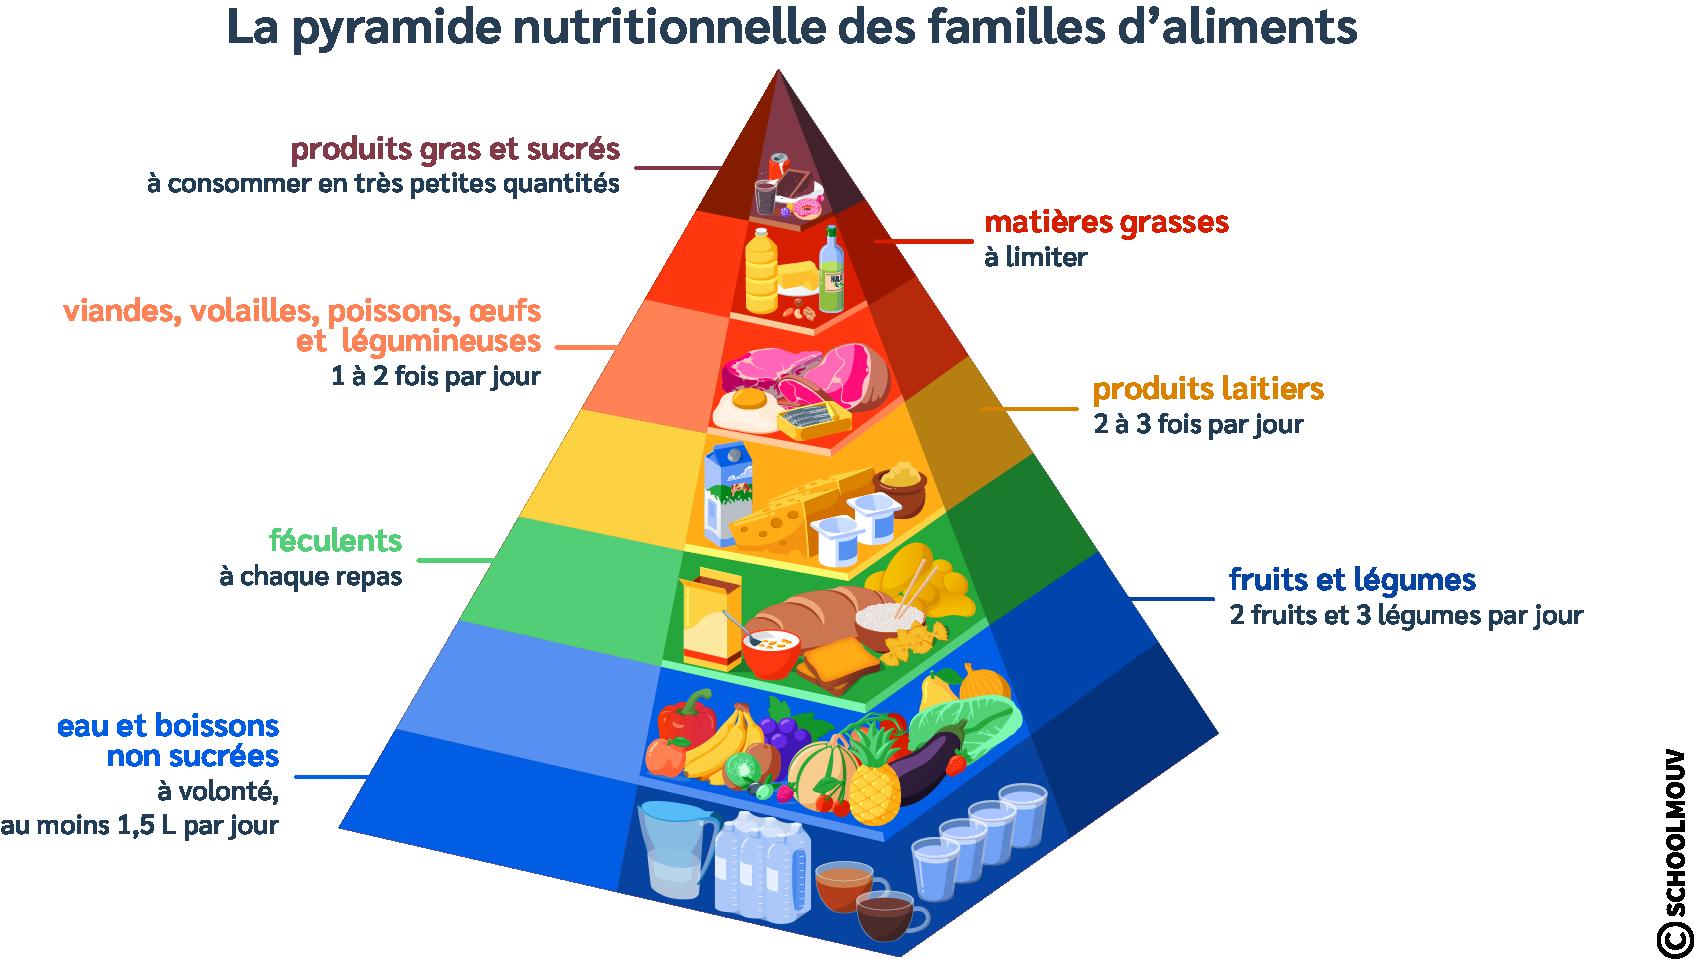 Pyramide - Nutrition - Familles d'aliments - Groupes d'aliments - Alimentation - Quantité - SchoolMouv - Sciences - CM1